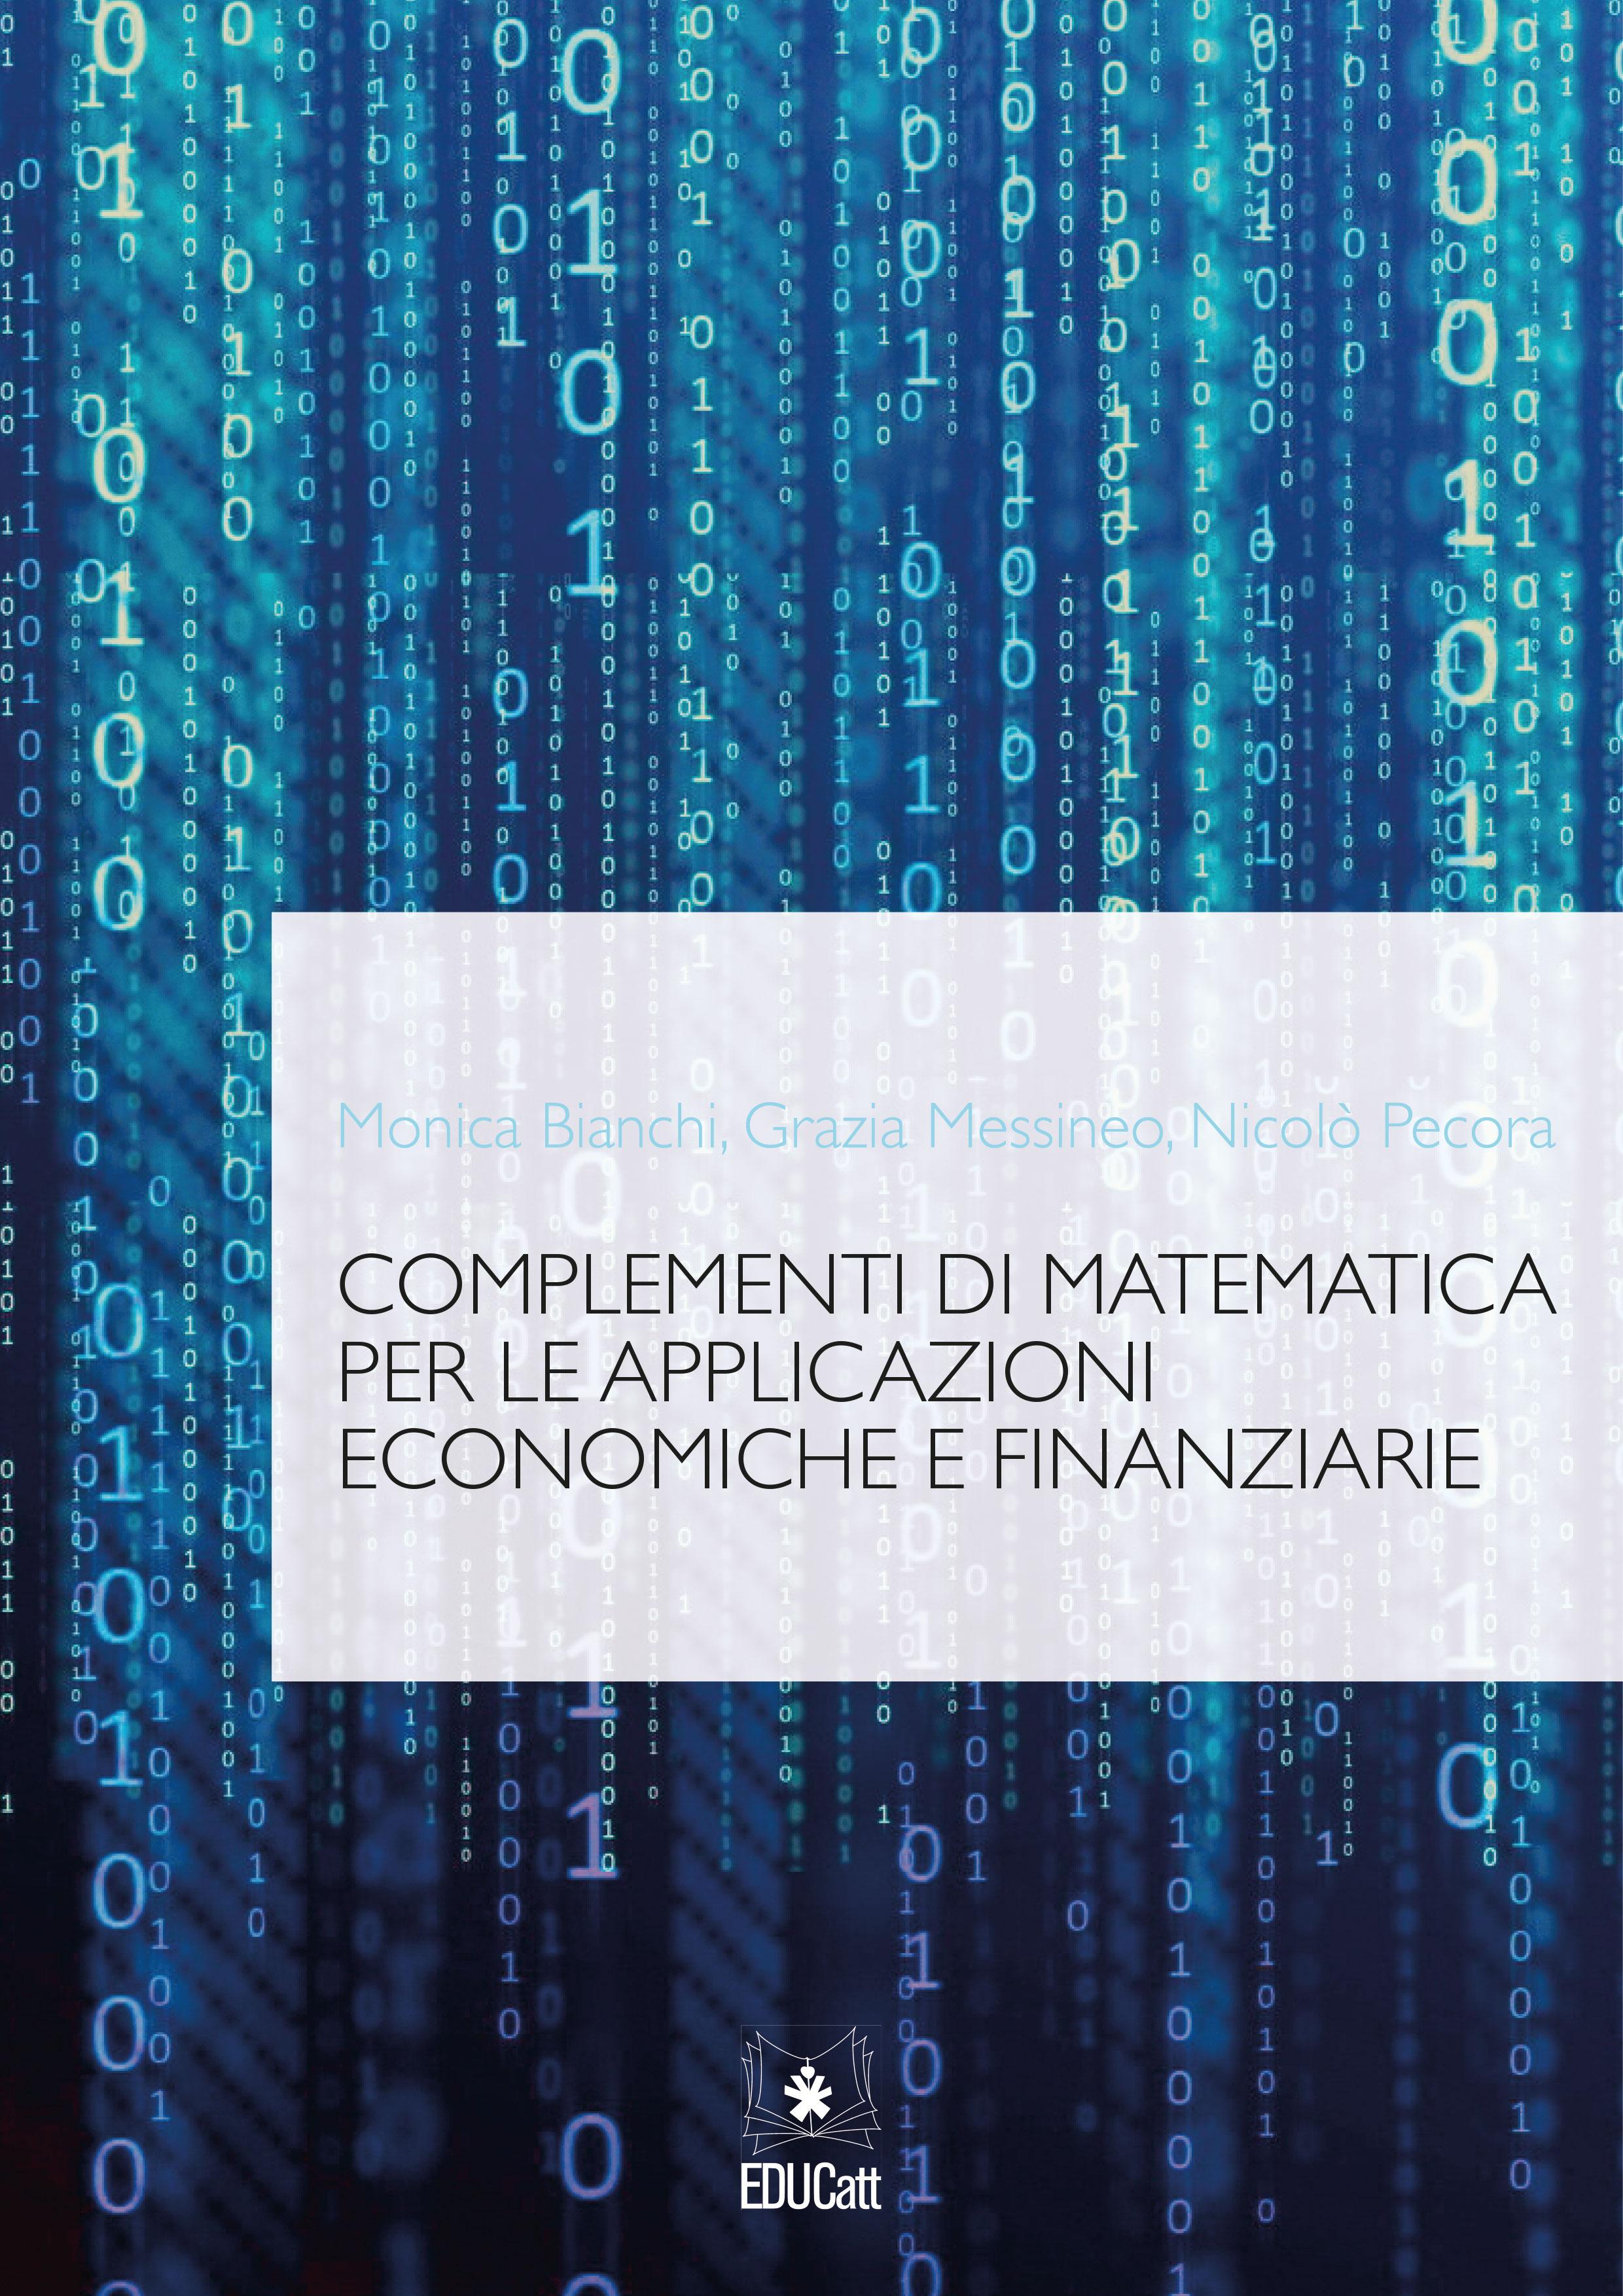 COMPLEMENTI DI MATEMATICA PER LE APPLICAZIONI ECONOMICHE E FINANZIARIE (2019)